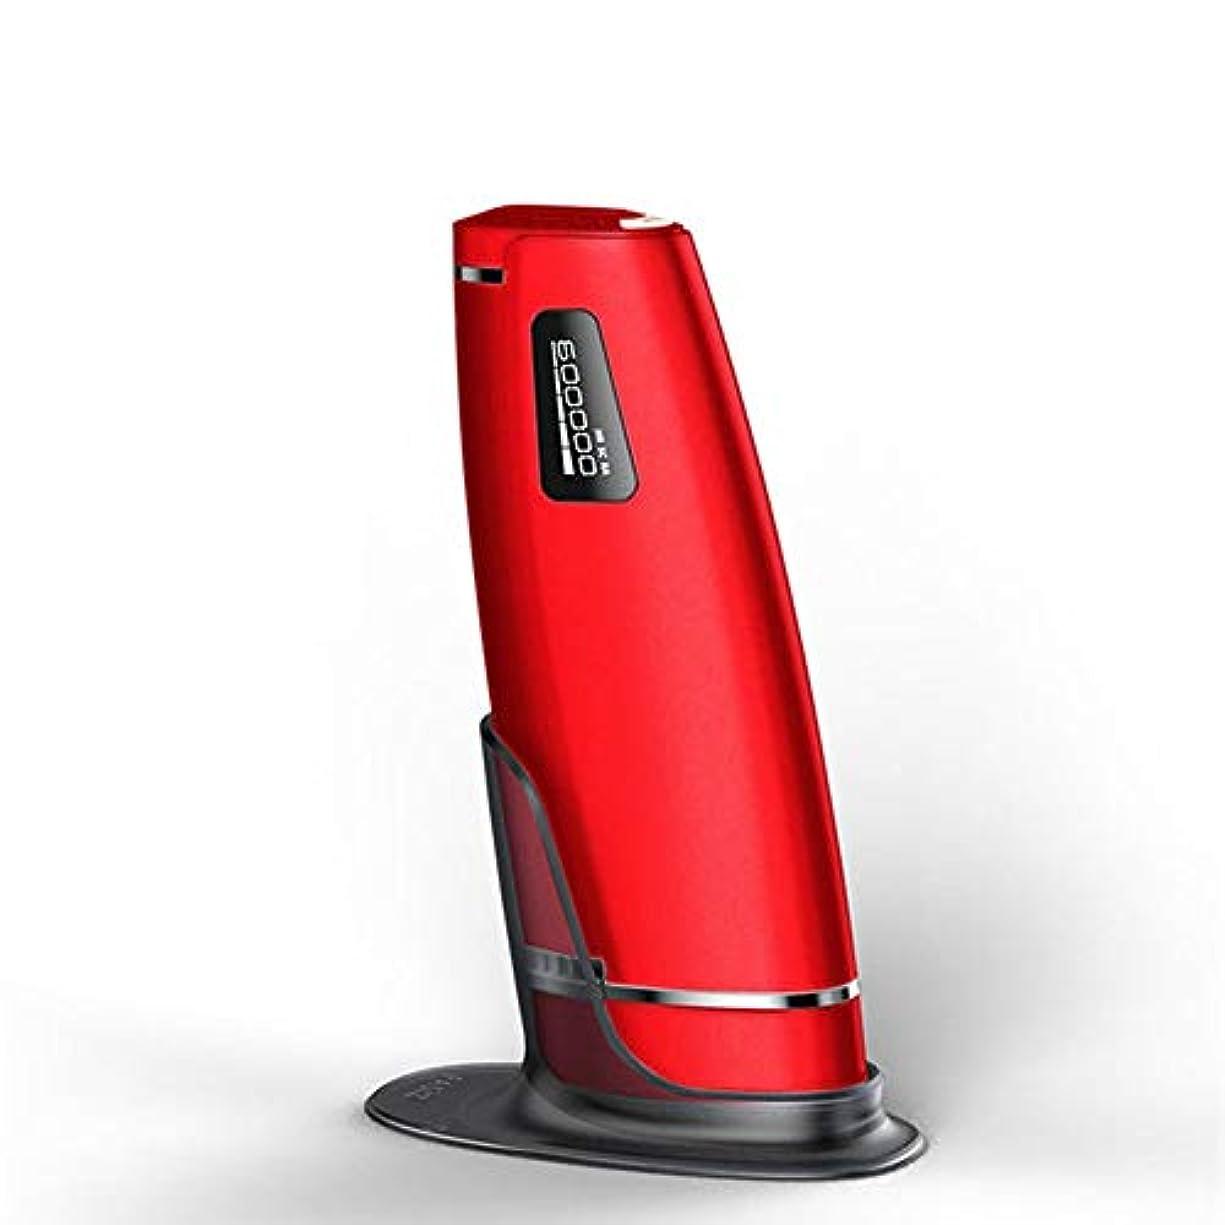 先史時代の宗教プレビューダパイ 赤、デュアルモード、ホームオートマチック無痛脱毛剤、携帯用永久脱毛剤、5スピード調整、サイズ20.5 X 4.5 X 7 Cm U546 (Color : Red)